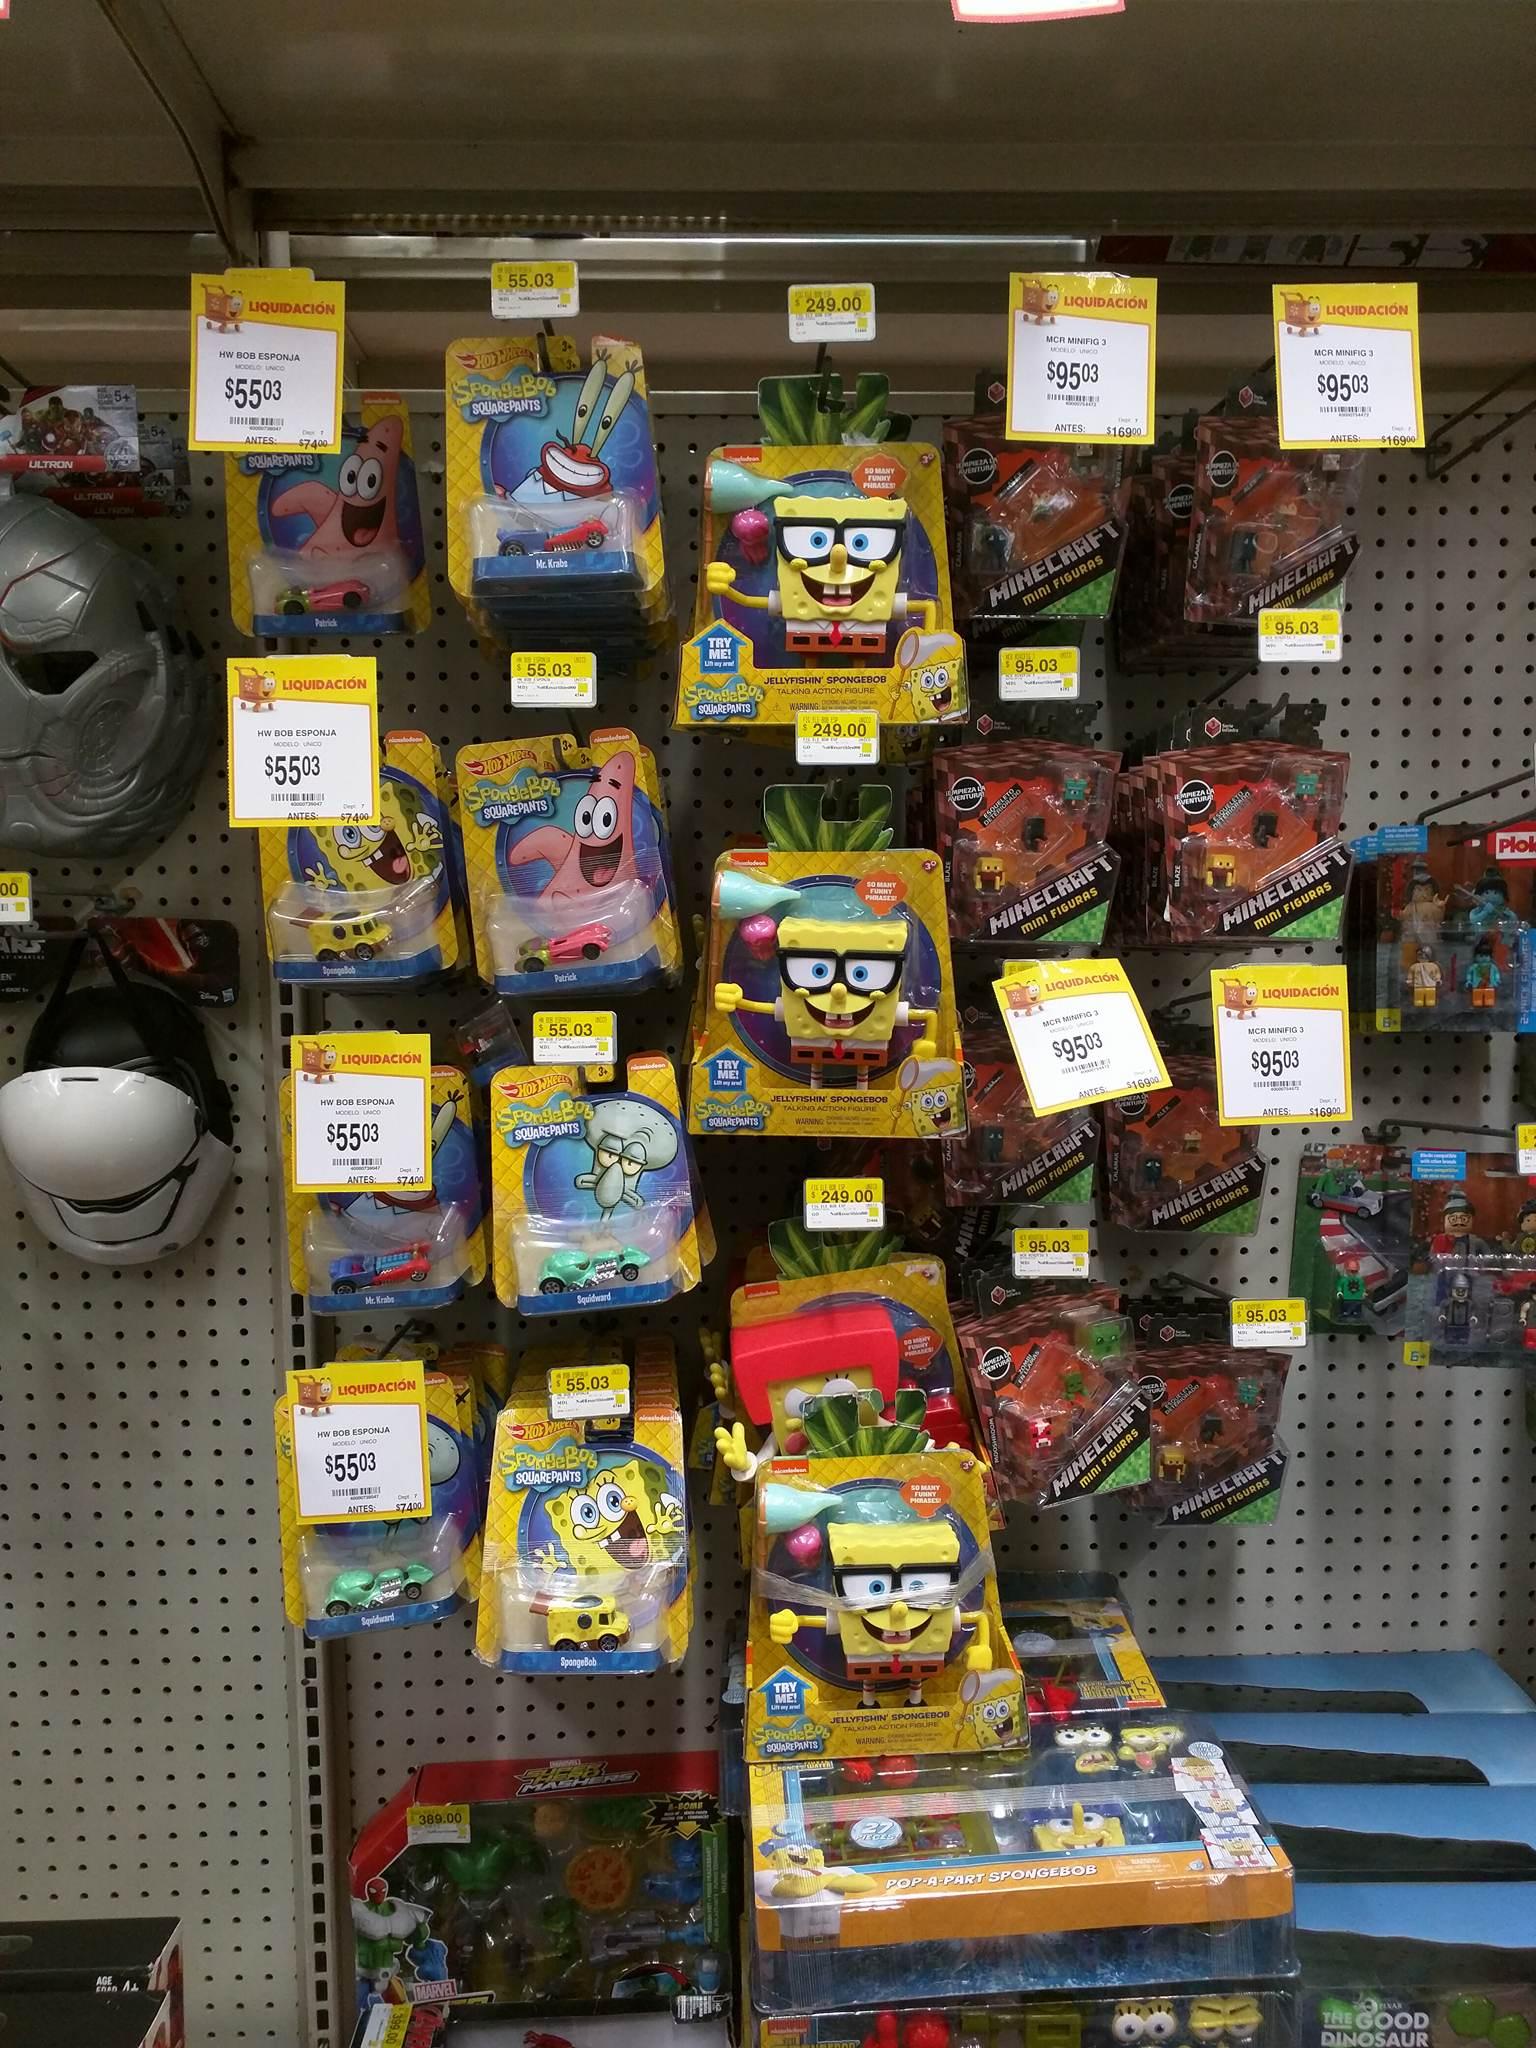 Walmart - Varias liquidaciones en juguetes -Centro Sur Gdl. Ej. Rayo McQueen $665.03